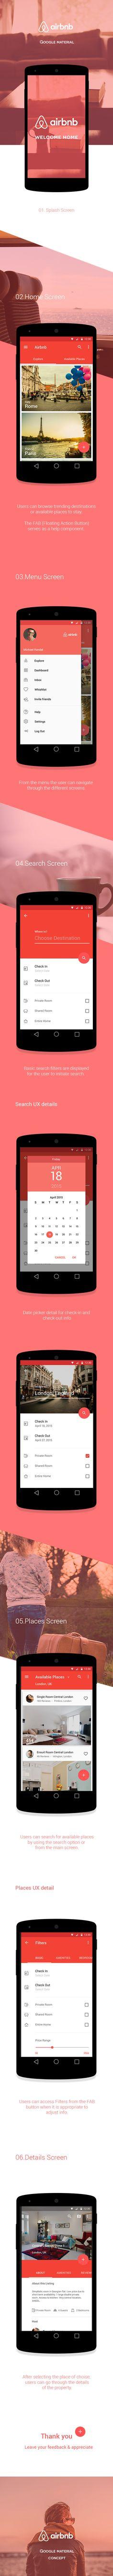 Airbnb - Google Material | Abduzeedo Design Inspiration http://abduzeedo.com/airbnb-google-material